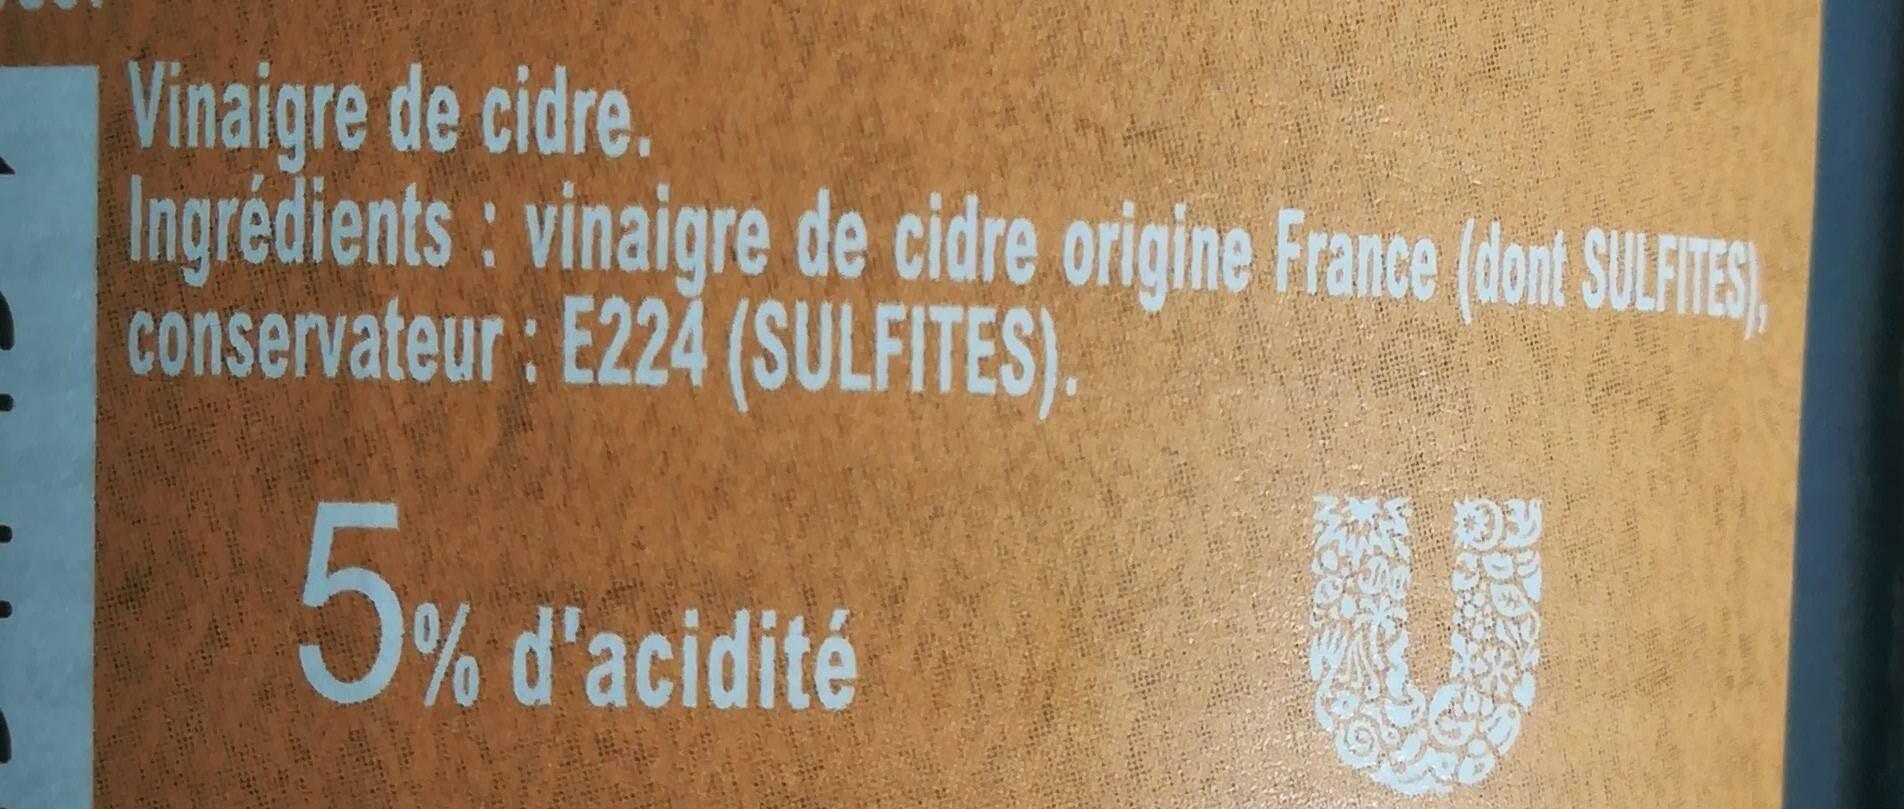 Amora Vinaigre Français de Cidre Bouteille - Informations nutritionnelles - fr